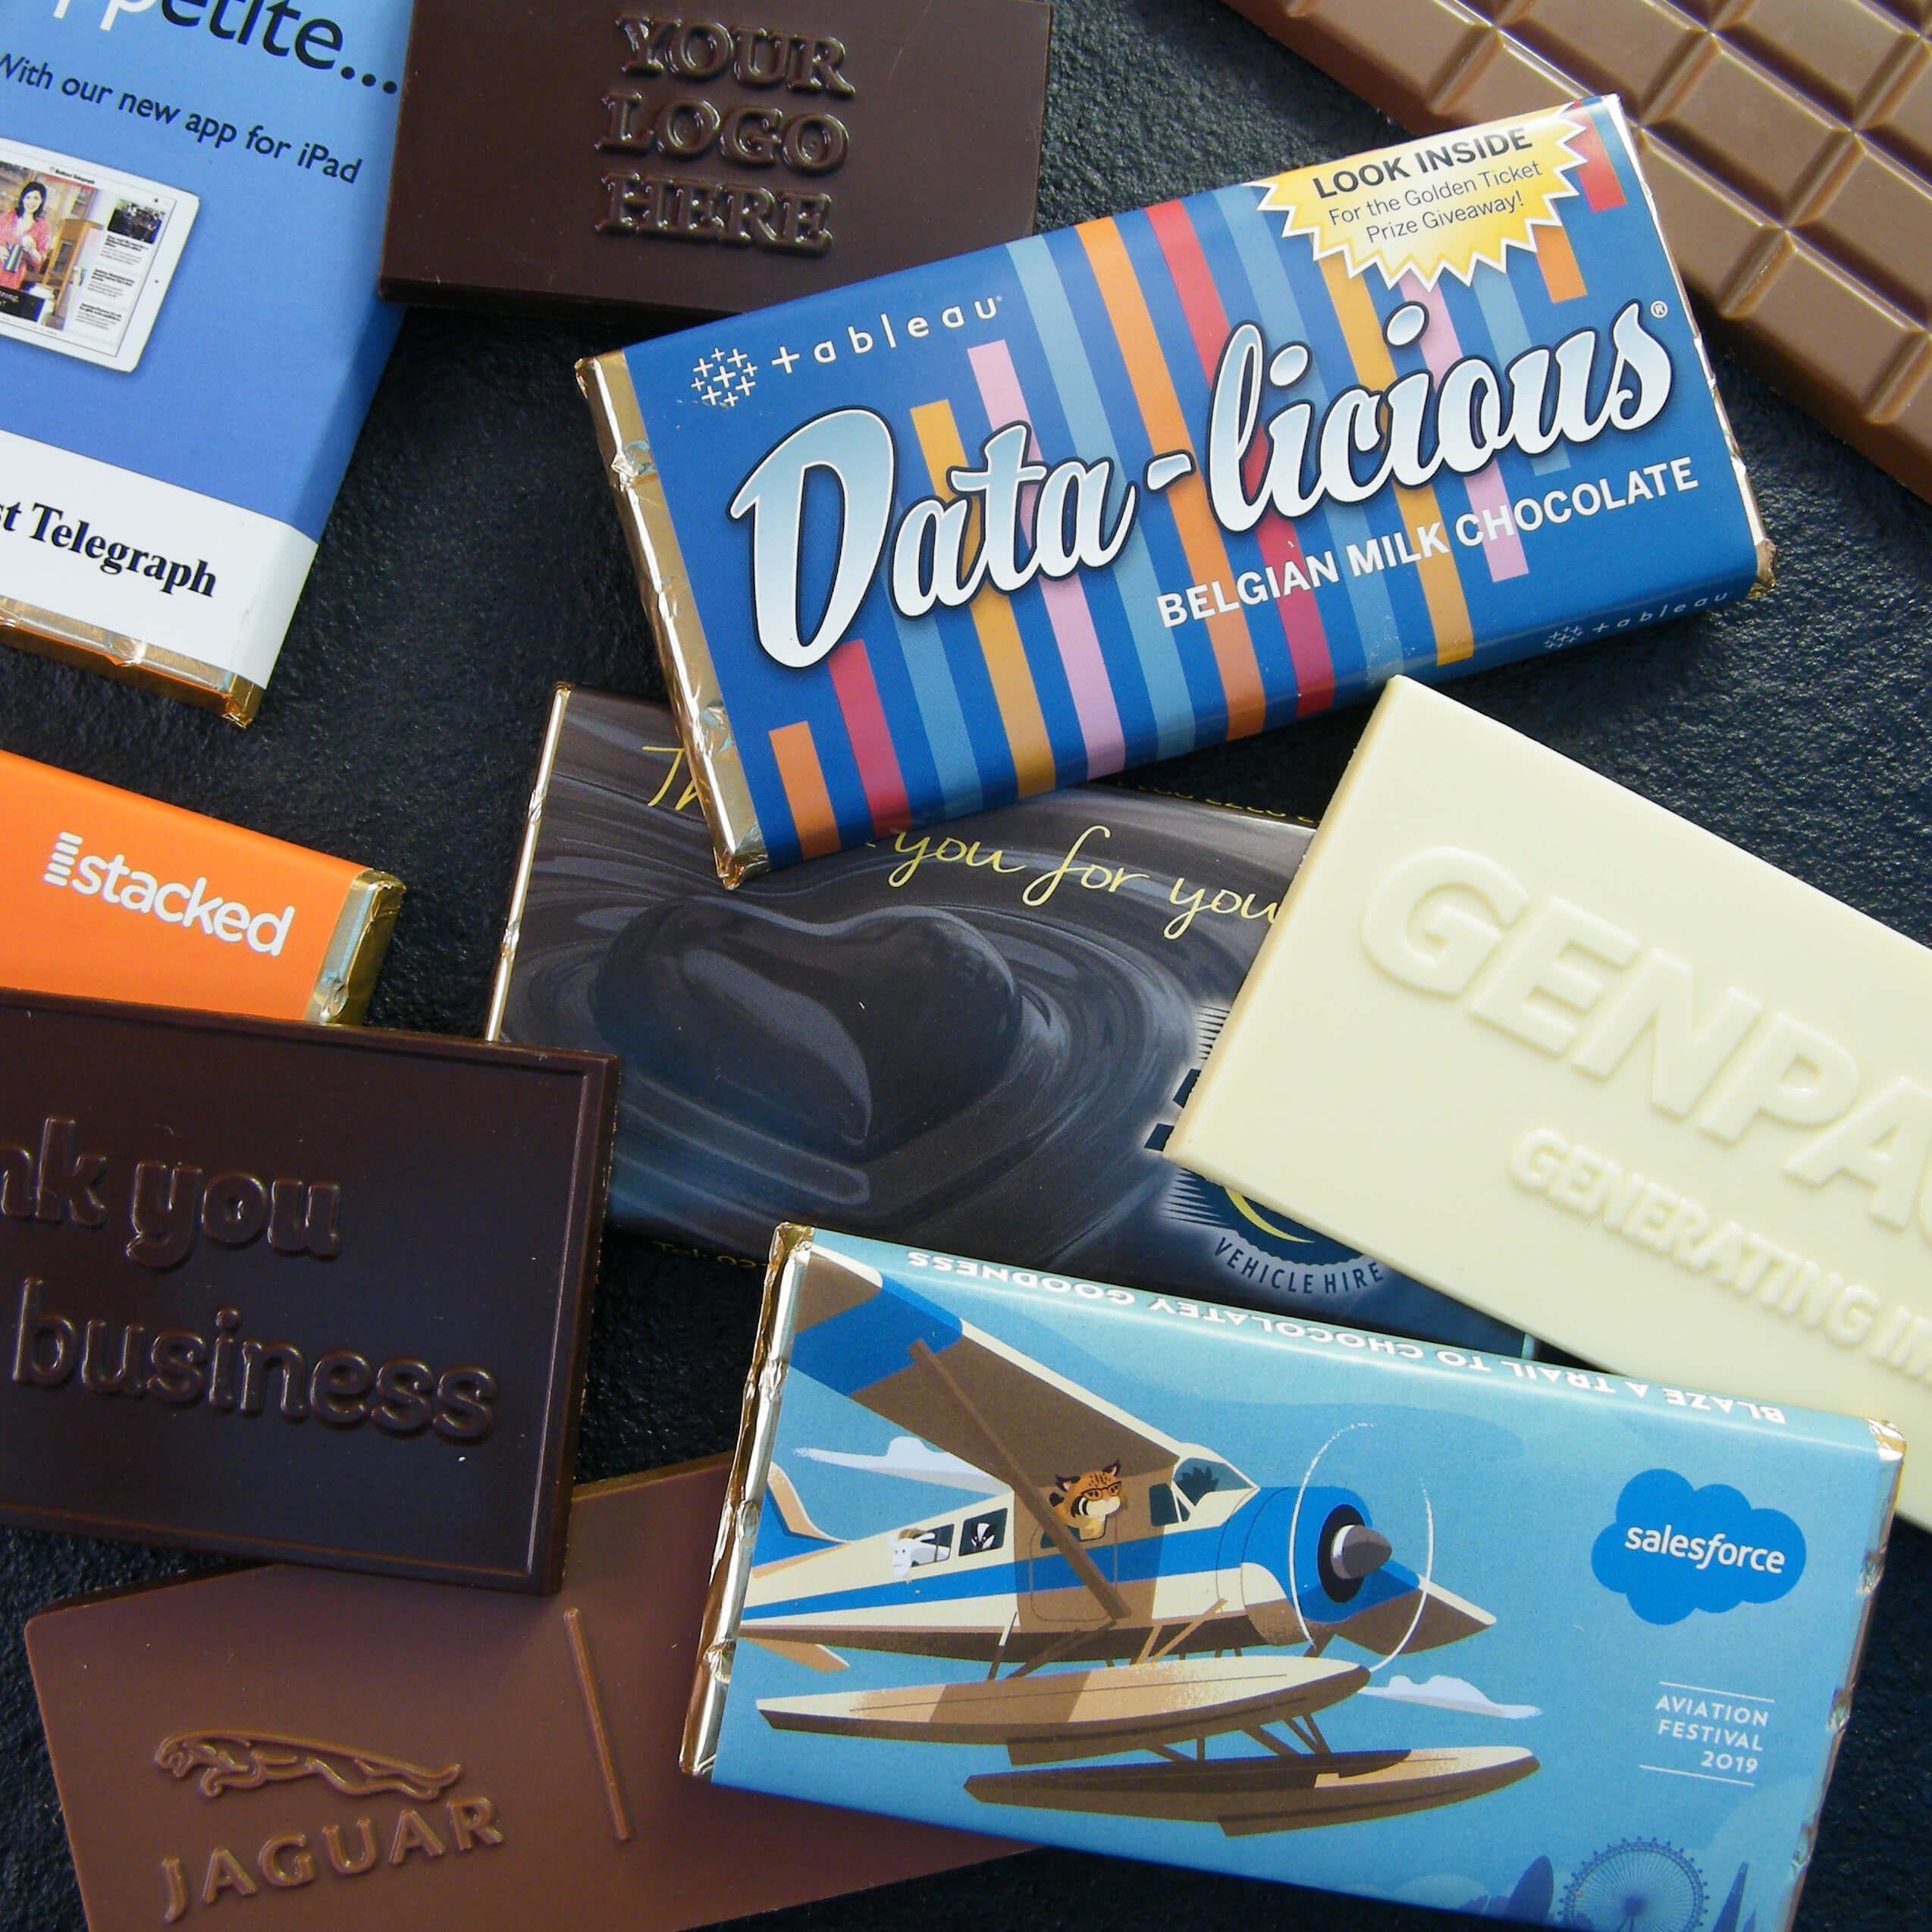 Bespoke Chocolate Bars